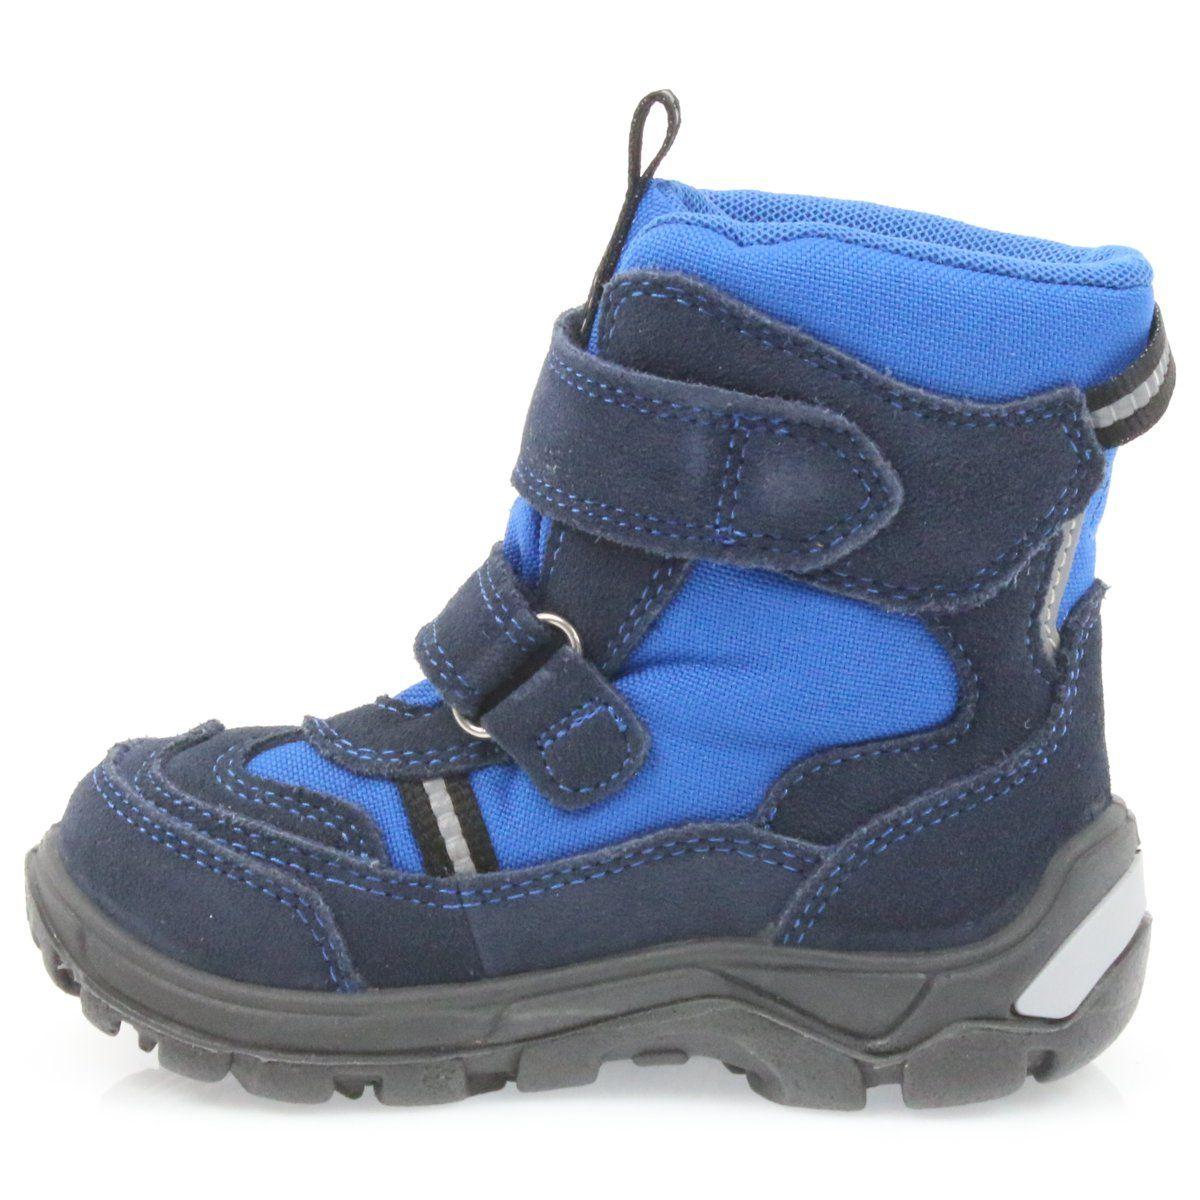 Kozaczki Z Membrana Bartek 41931 Niebieskie Granatowe Boots Shoes Winter Boot